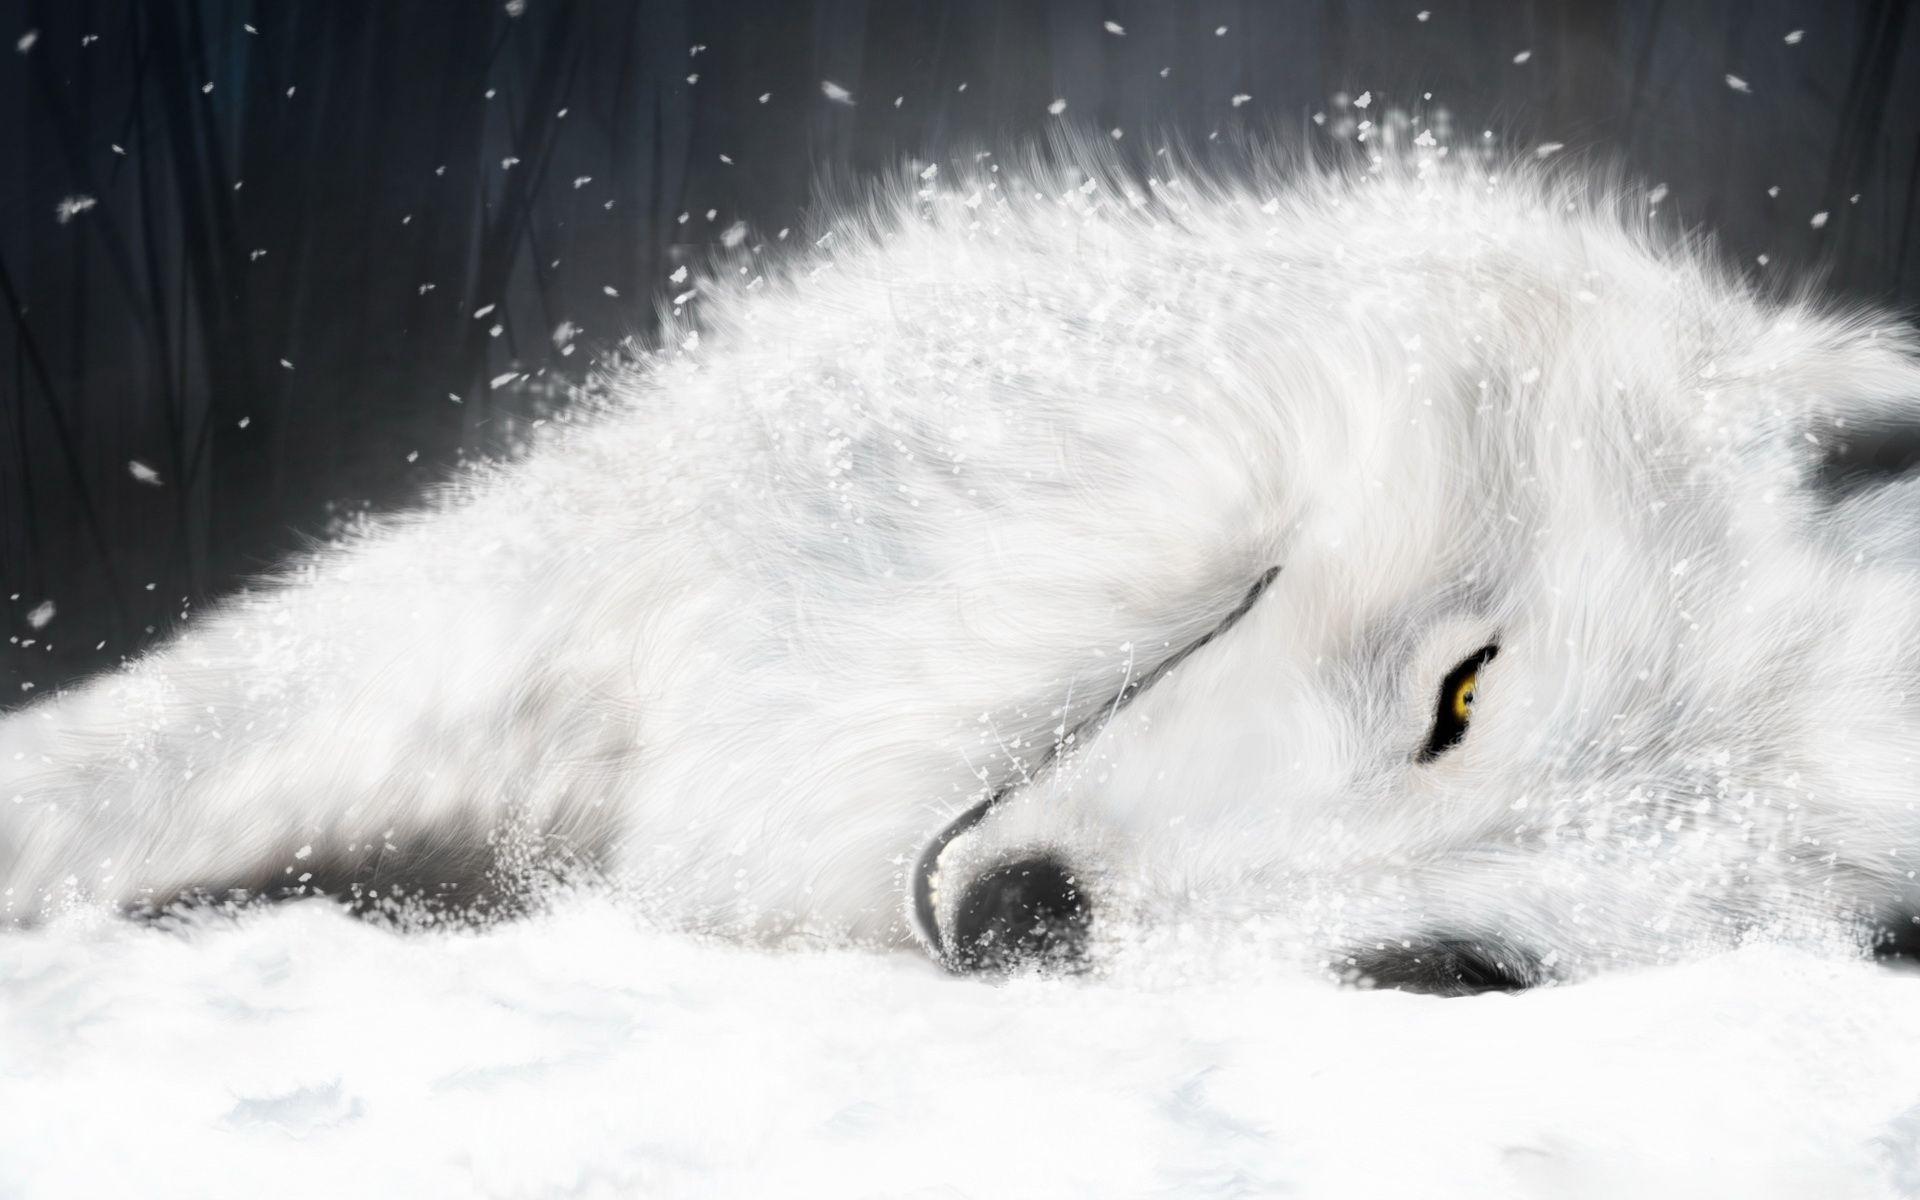 White Wolf HD Desktop Wallpaper Widescreen High Definition